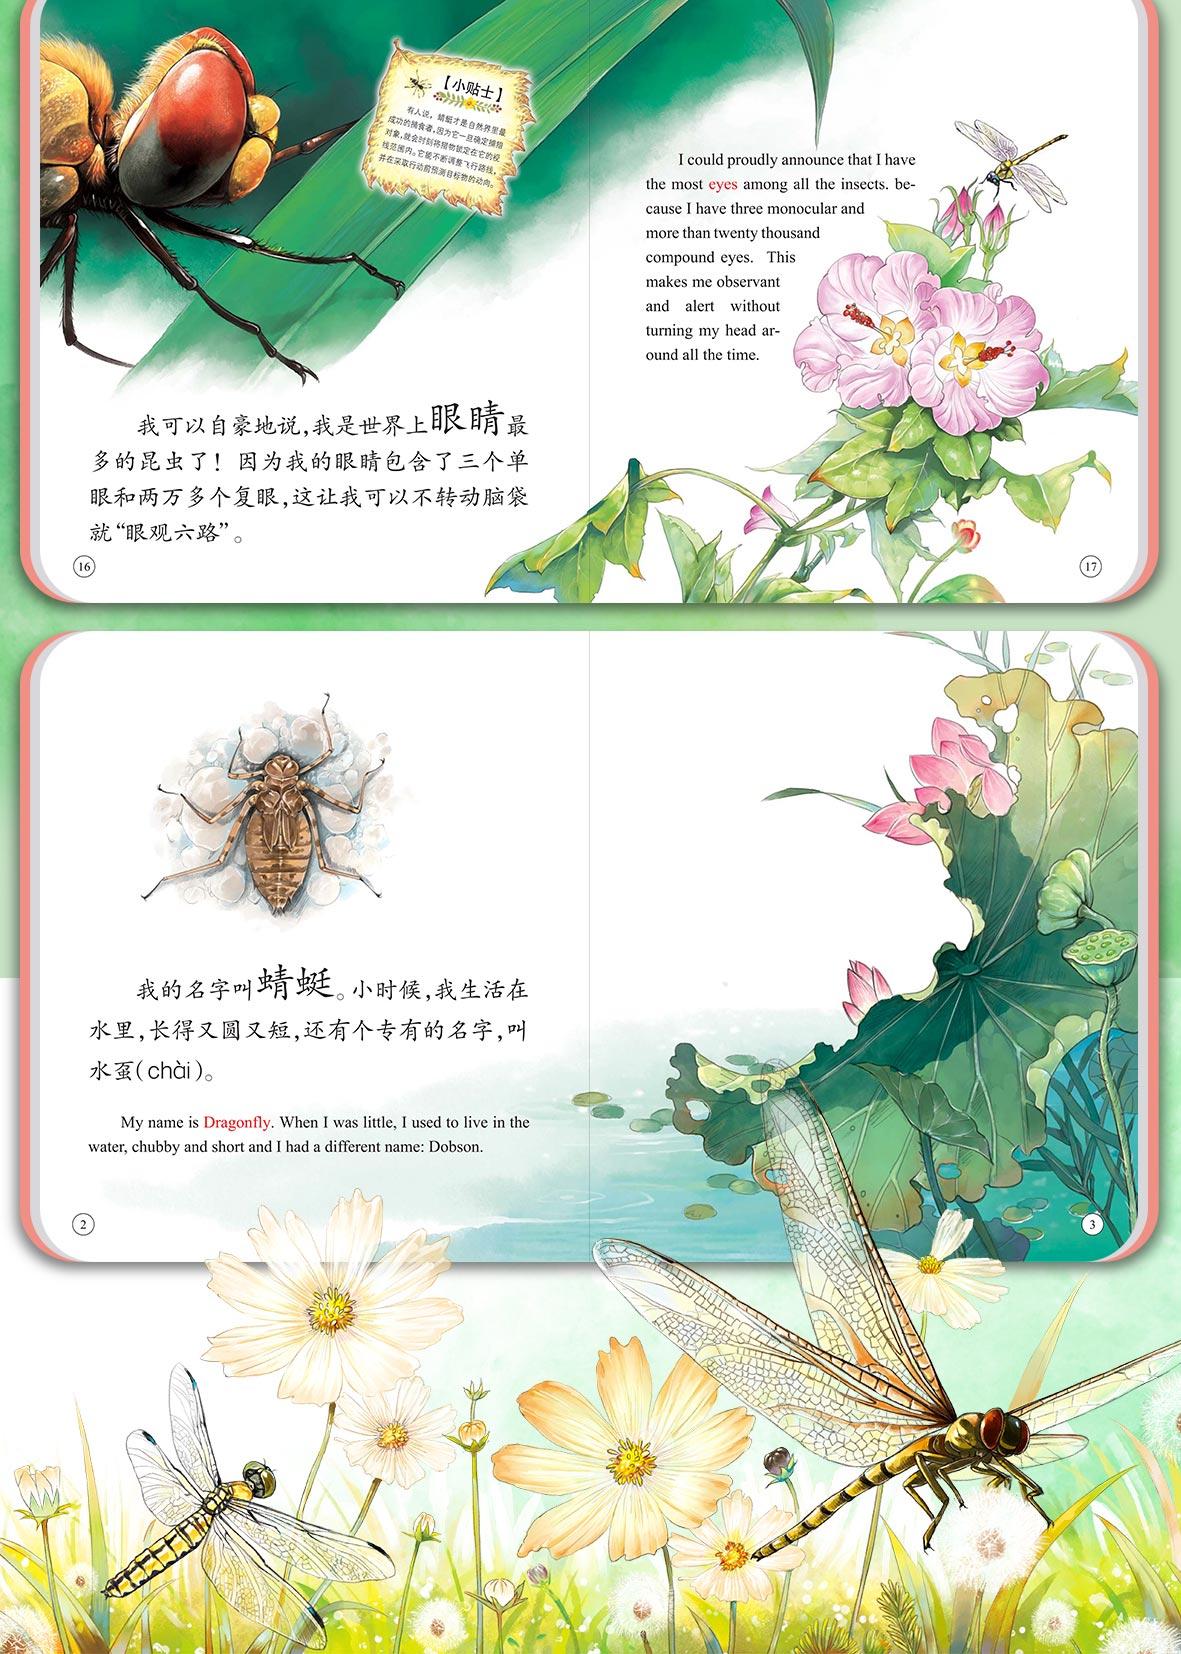 昆虫详情_15.jpg